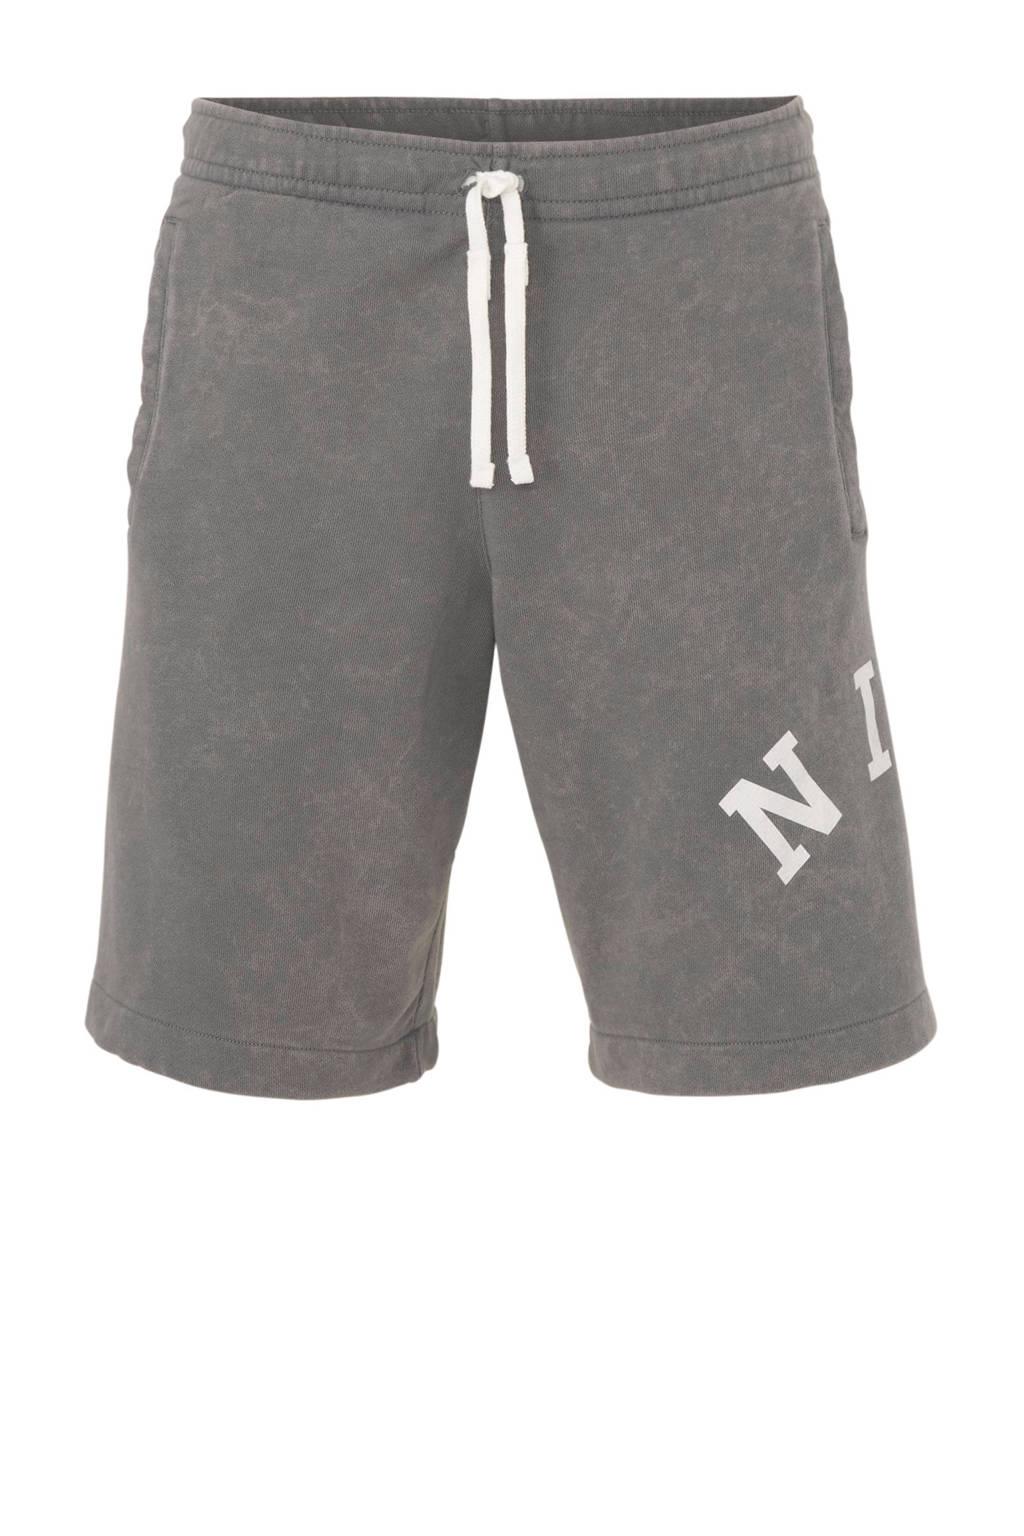 Nike   sweatshort grijs, Grijs